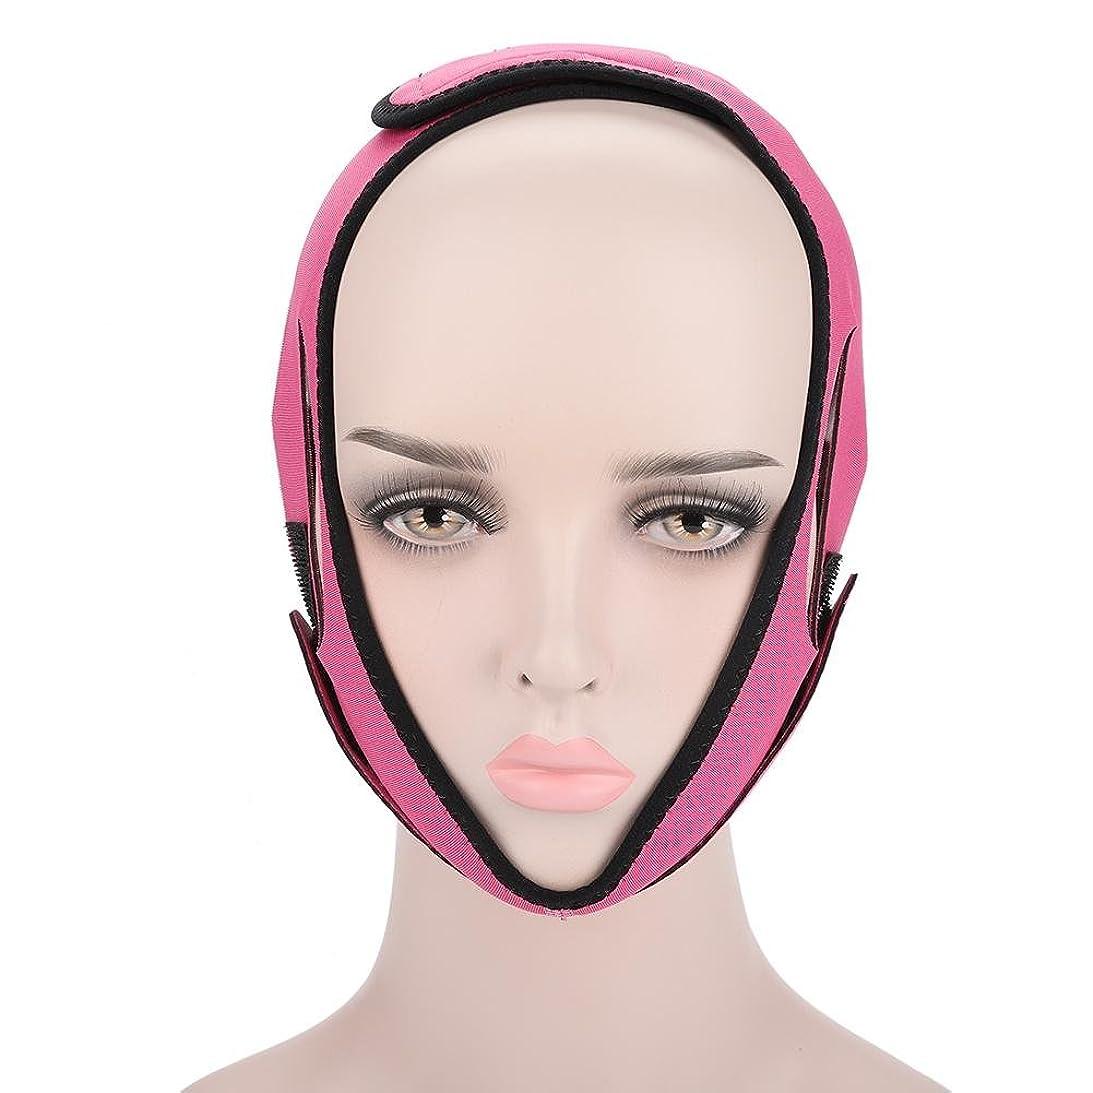 よろめく飽和するとげのあるフェイススリミング包帯 顔の包帯フェイシャルスリミングマスクフェイシャルケアのためのフェイシャルベルト薄い首のフェイスリフトダブルチン女性のための(3#)